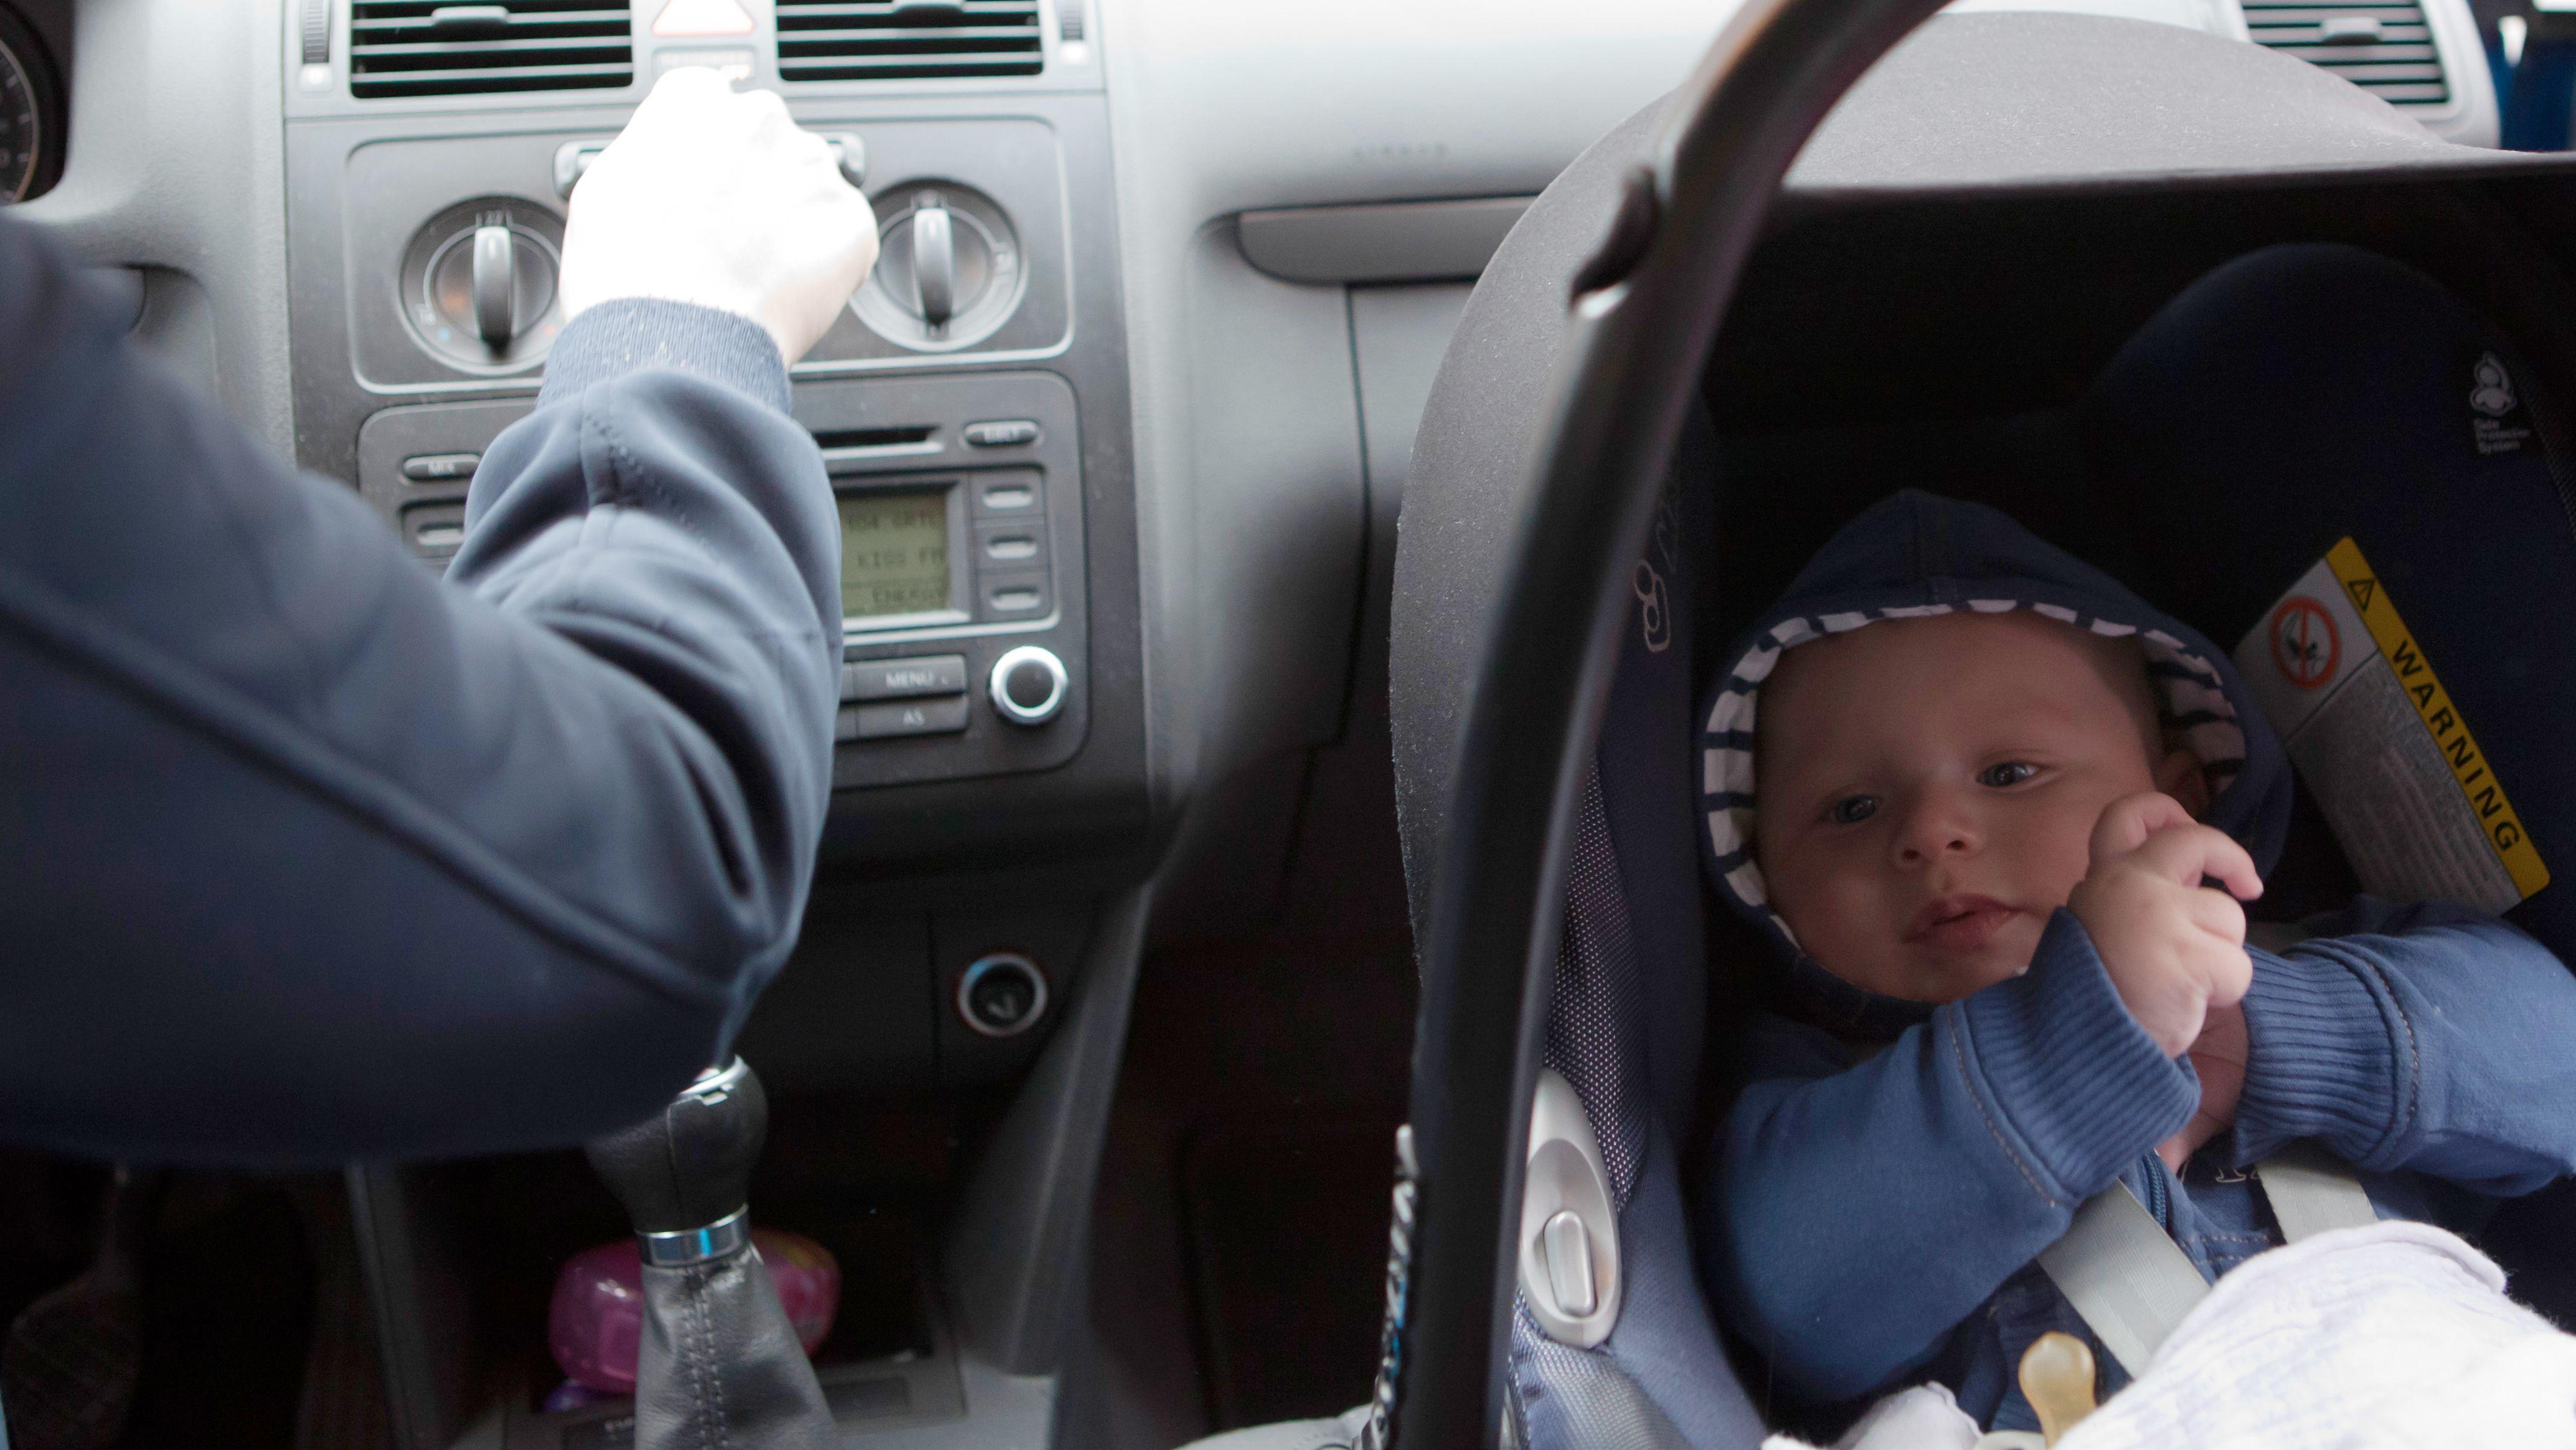 Symbolbild: Baby in Babyschale im Auto